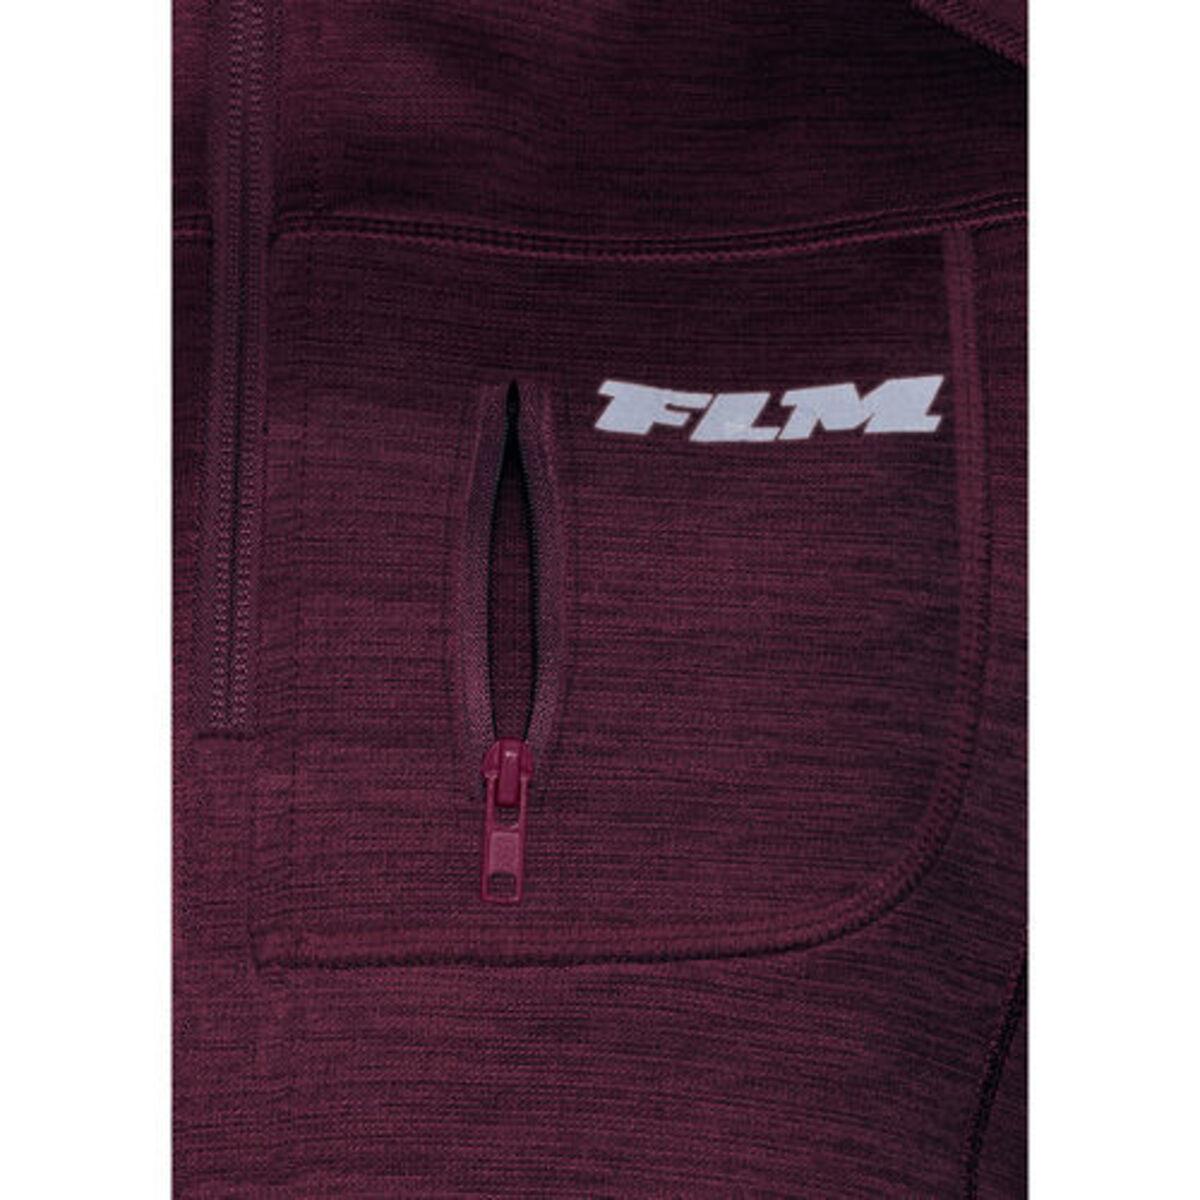 Bild 3 von FLM            Fleece Pullover Damen 3.0 violett